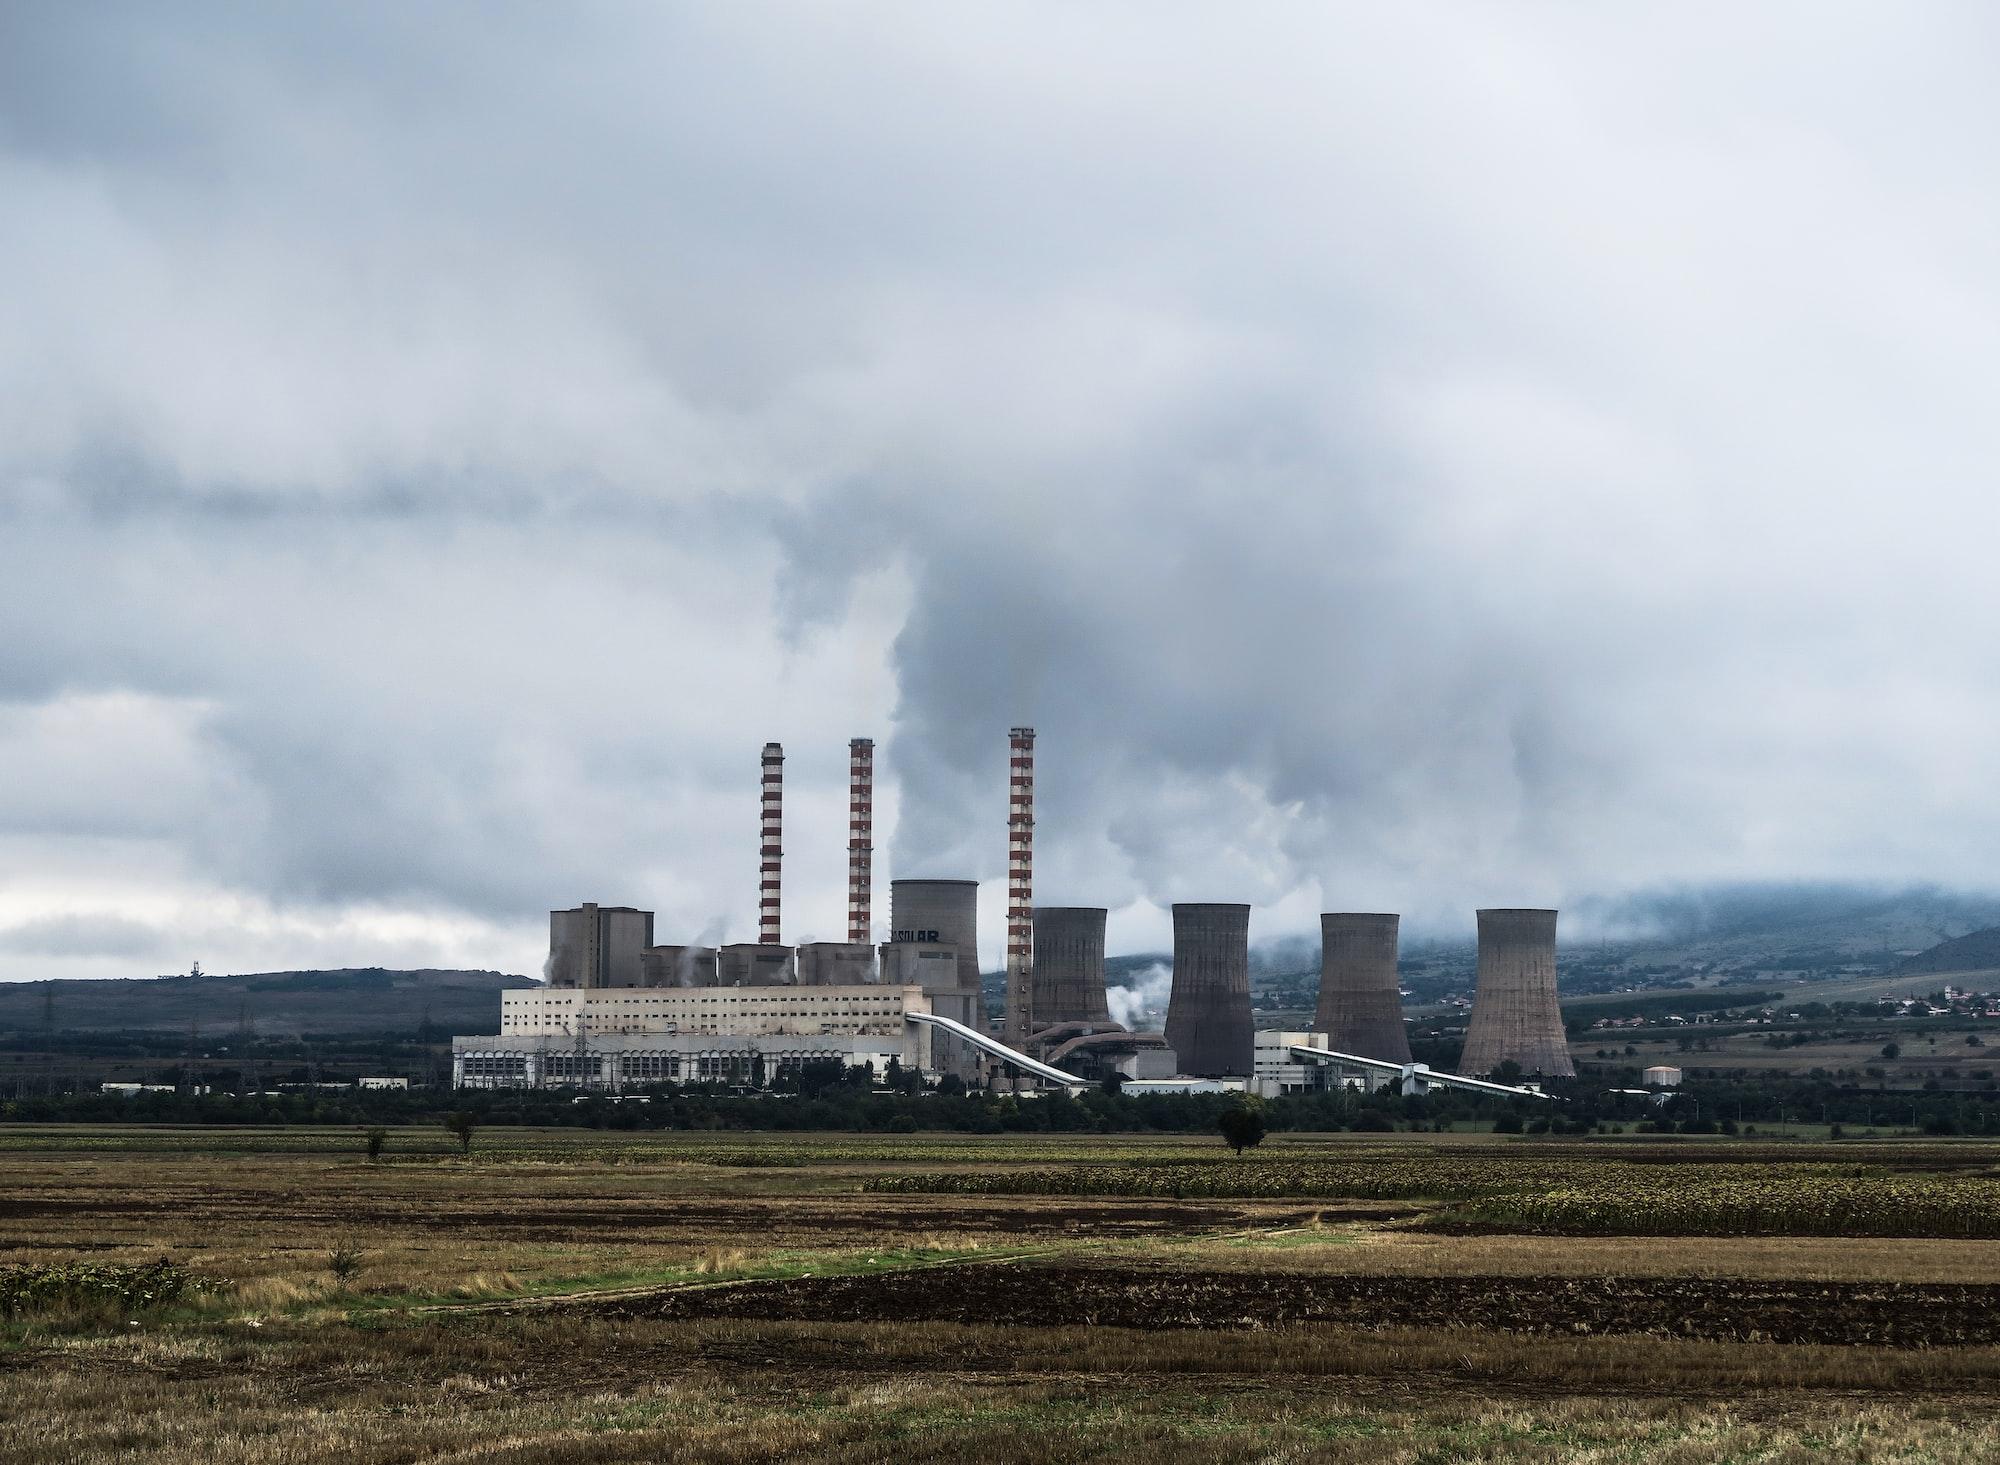 Koldioxidutsläpp ser inte alls ut som på alla bilder du sett av kolkraftverk